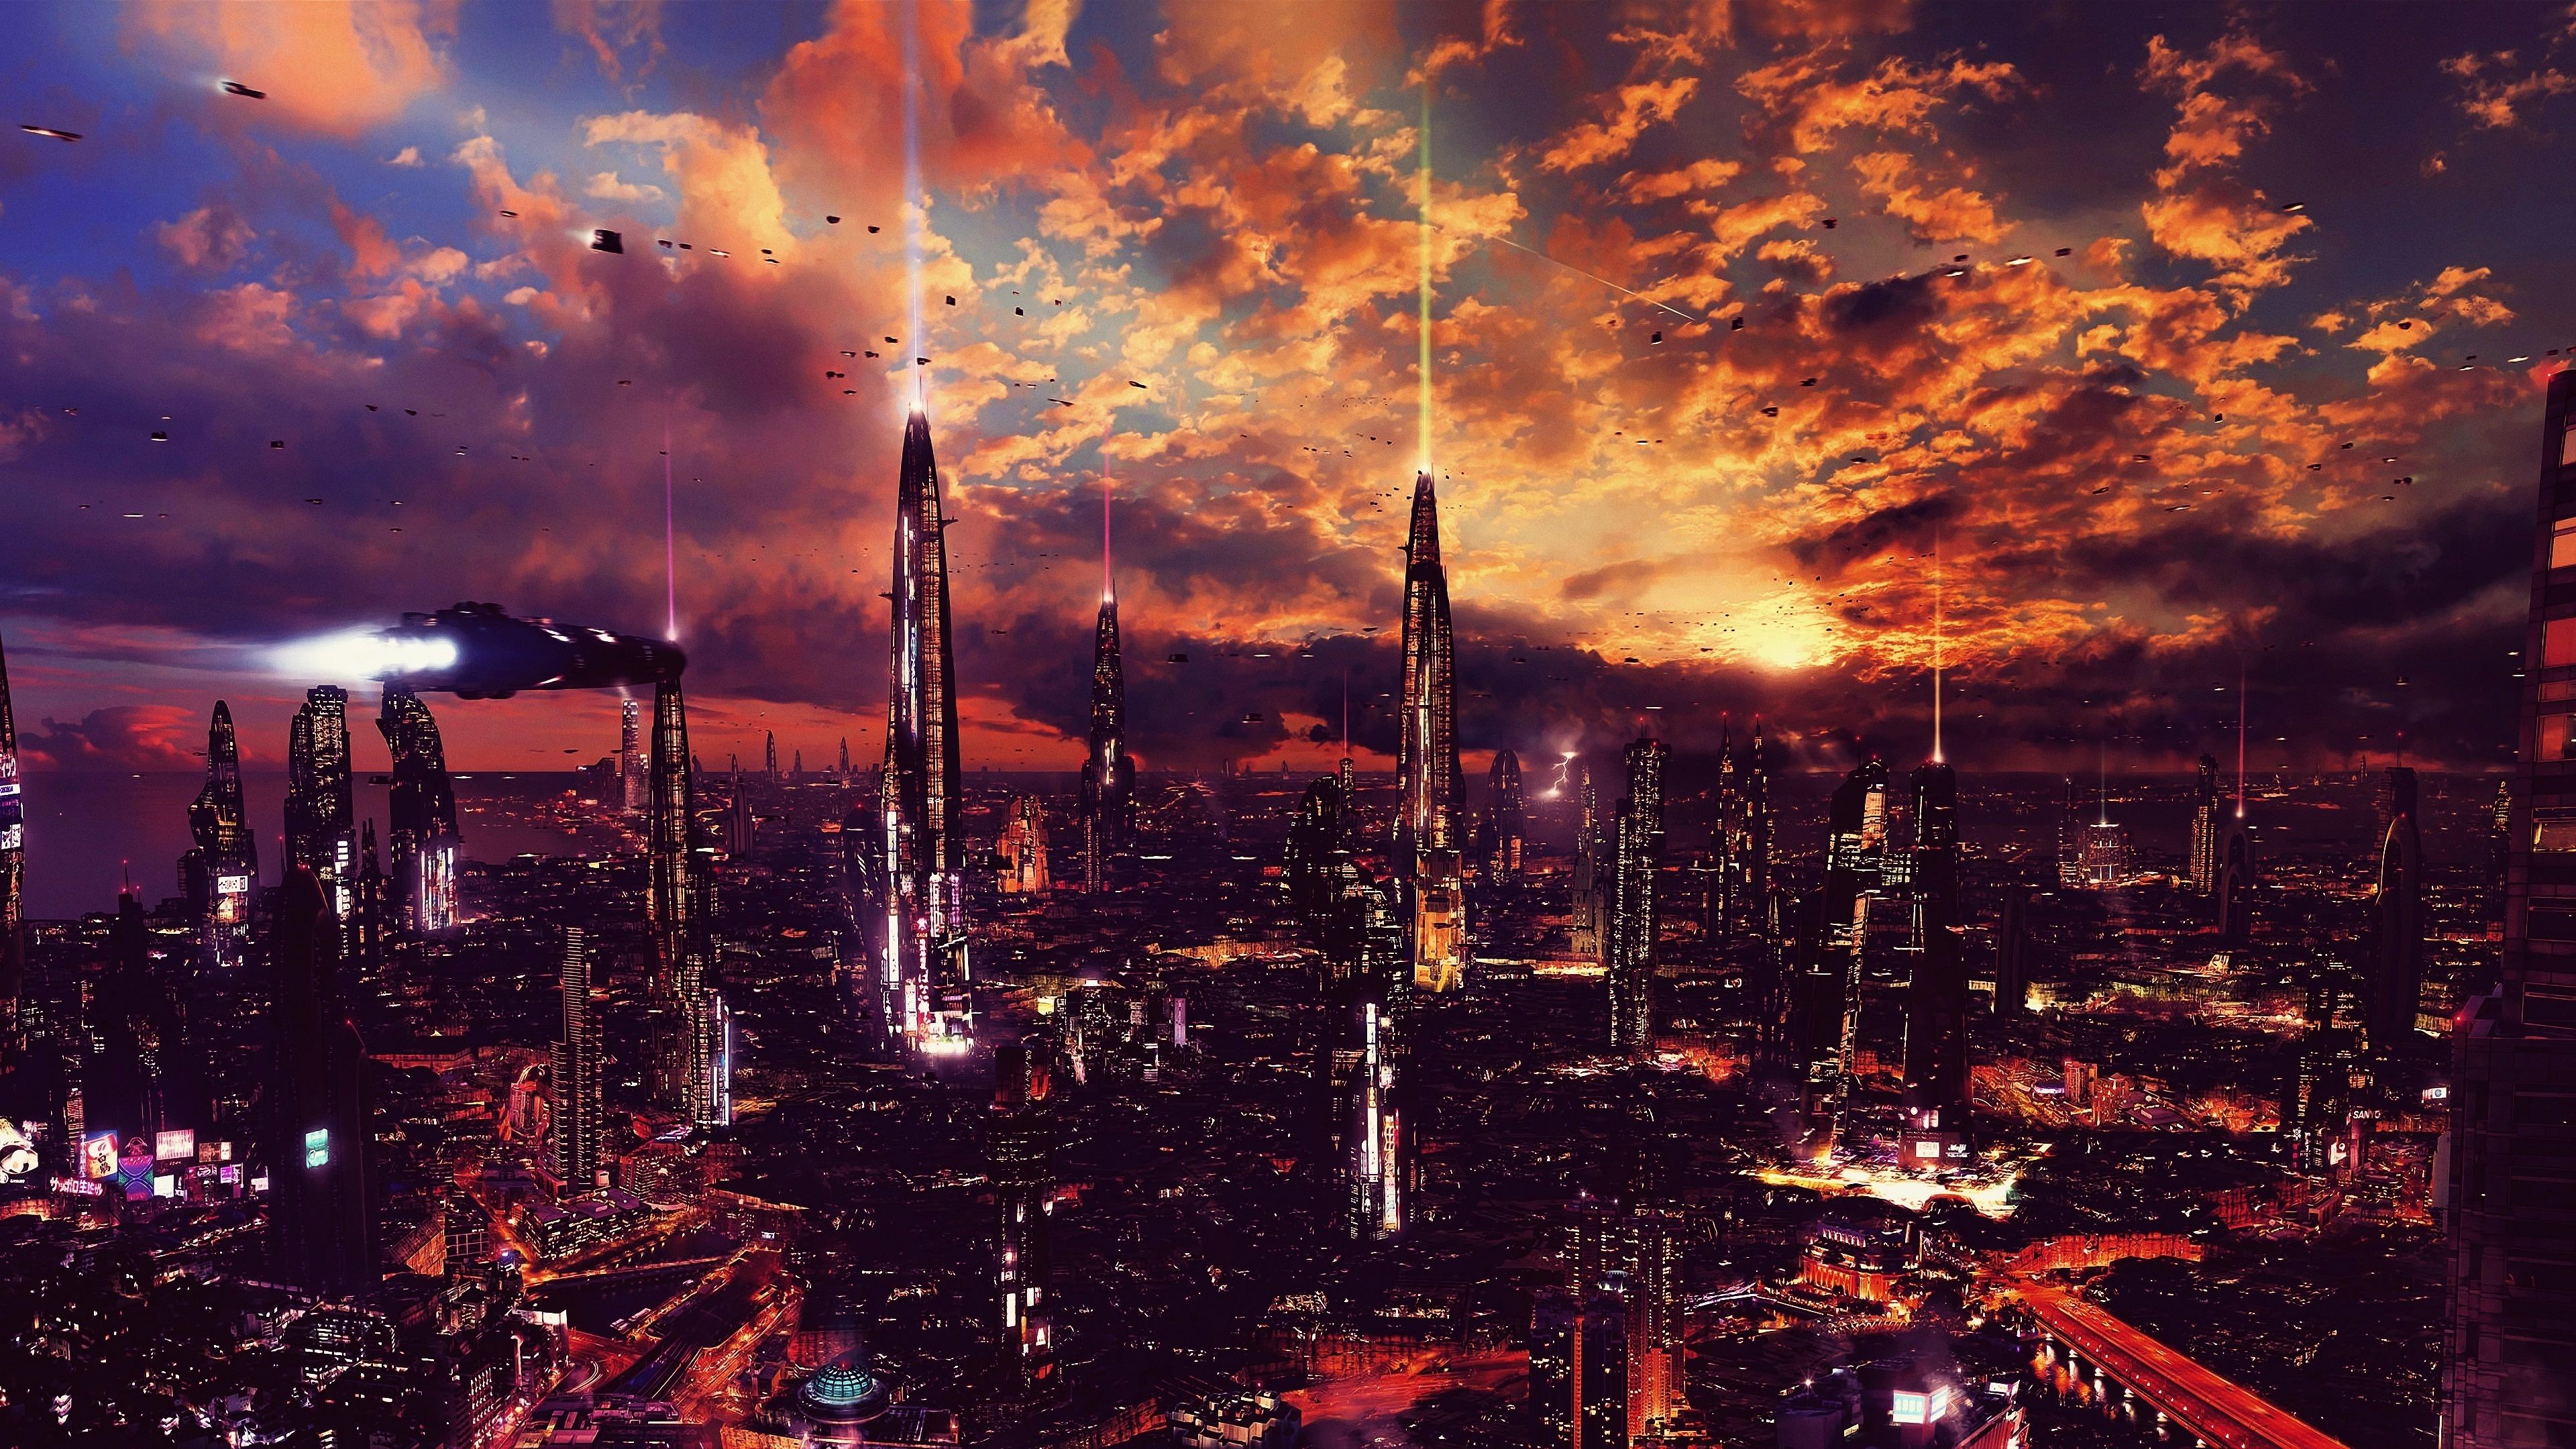 Download 3840x2160 wallpaper futuristic city, science ...